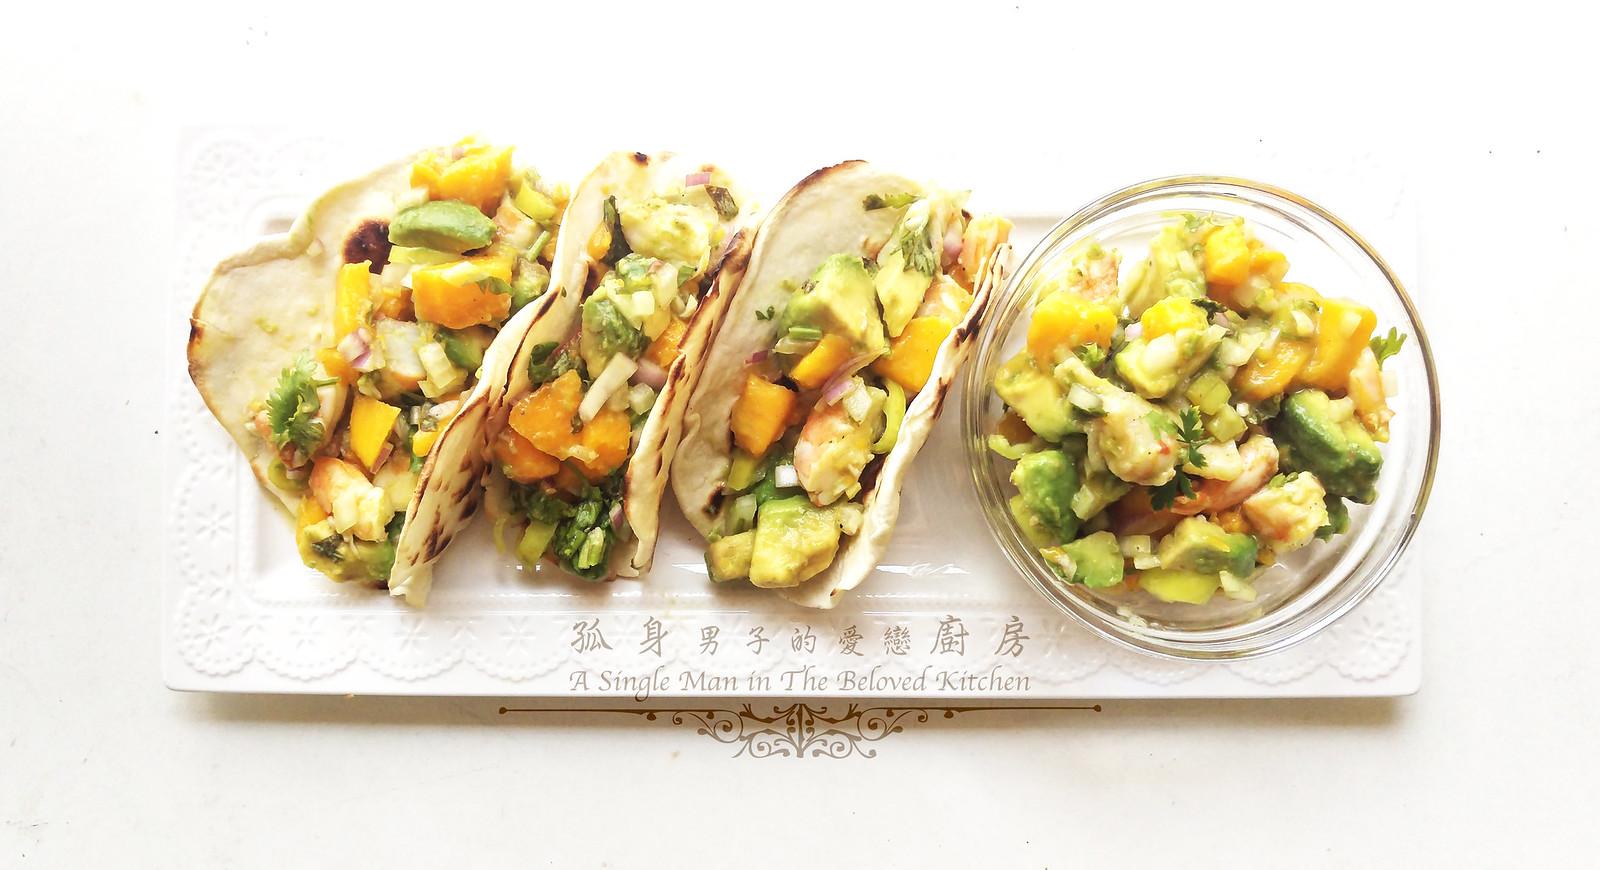 孤身廚房-墨西哥烤紅爐蝦酪梨芒果莎莎醬塔可(下)-烤紅爐蝦酪梨芒果莎莎醬10